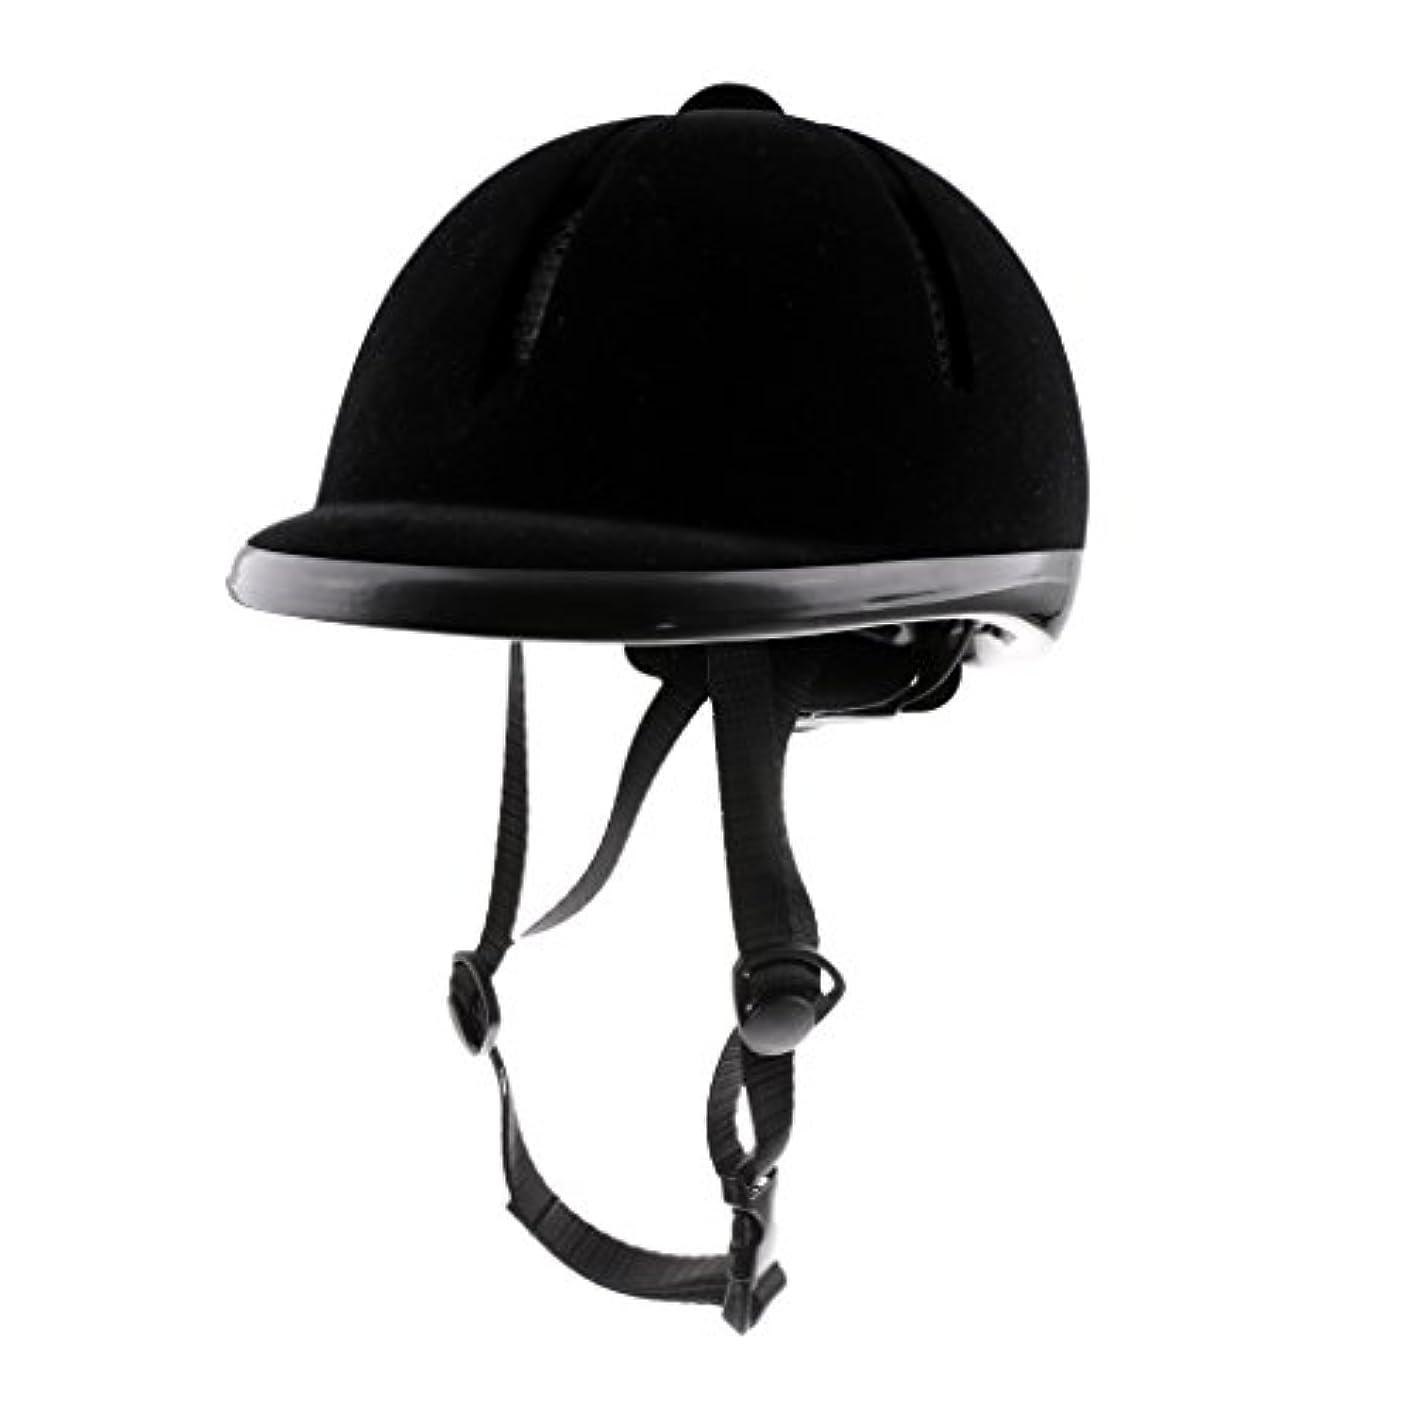 永遠のウイルスに負けるFenteer 乗馬用 ヘルメット スタイリッシュ デザイン ヘルメット 柔らかい 高密度発泡 安全 耐衝撃性 首 保護 快適 実用